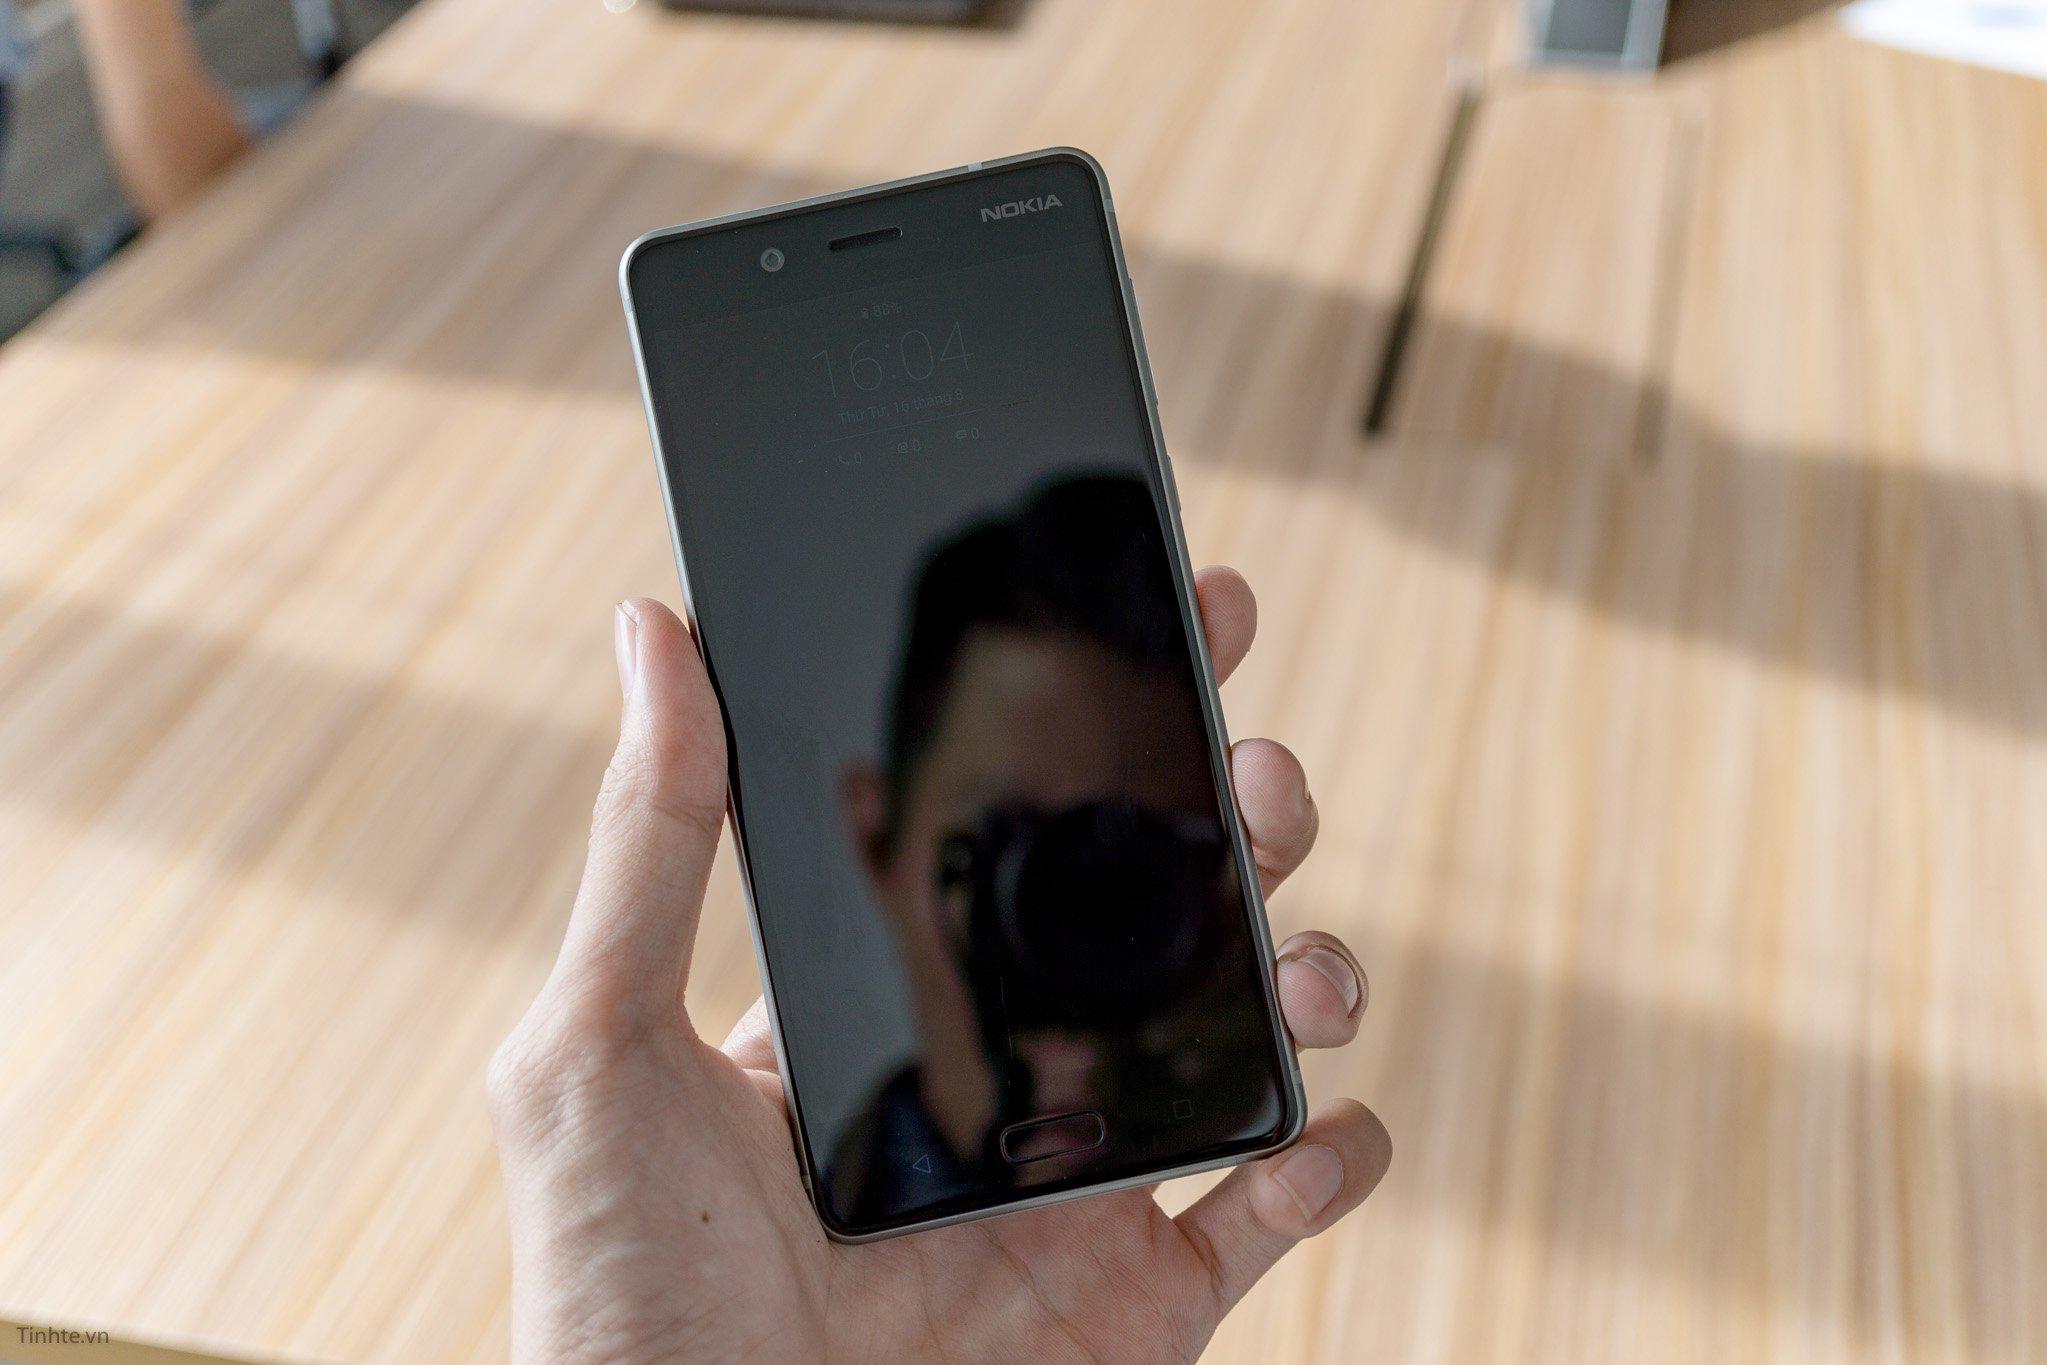 Nokia 8 chính thức ra mắt với chip Qualcomm cao nhất, giá 14 triệu 500 ngàn